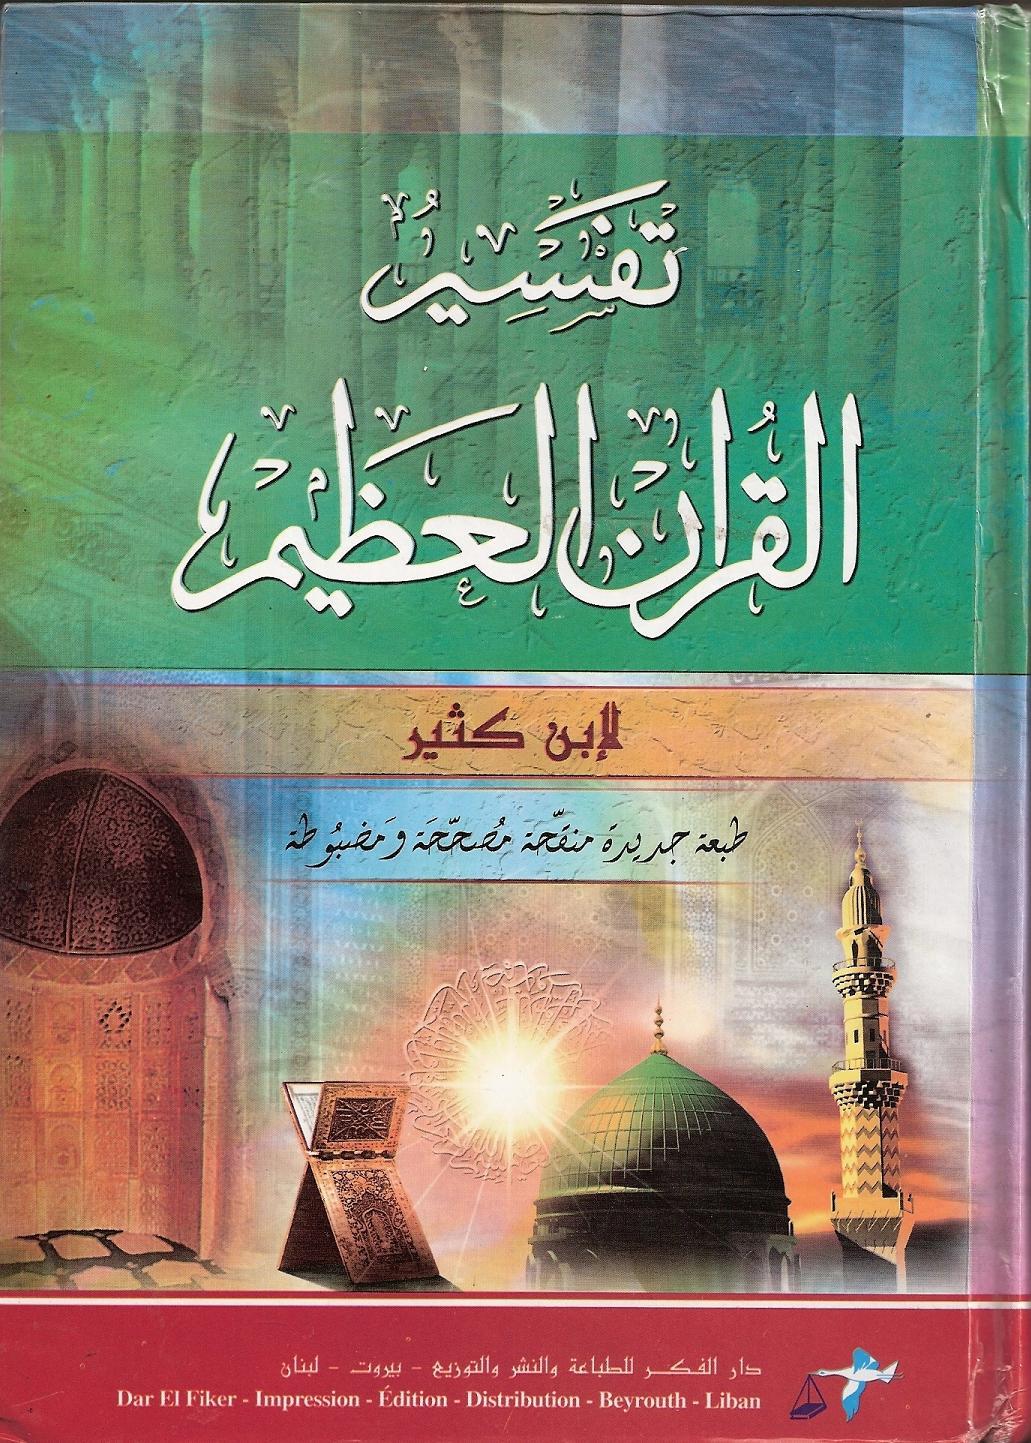 tafsir ibn kathir en arabe pdf gratuit